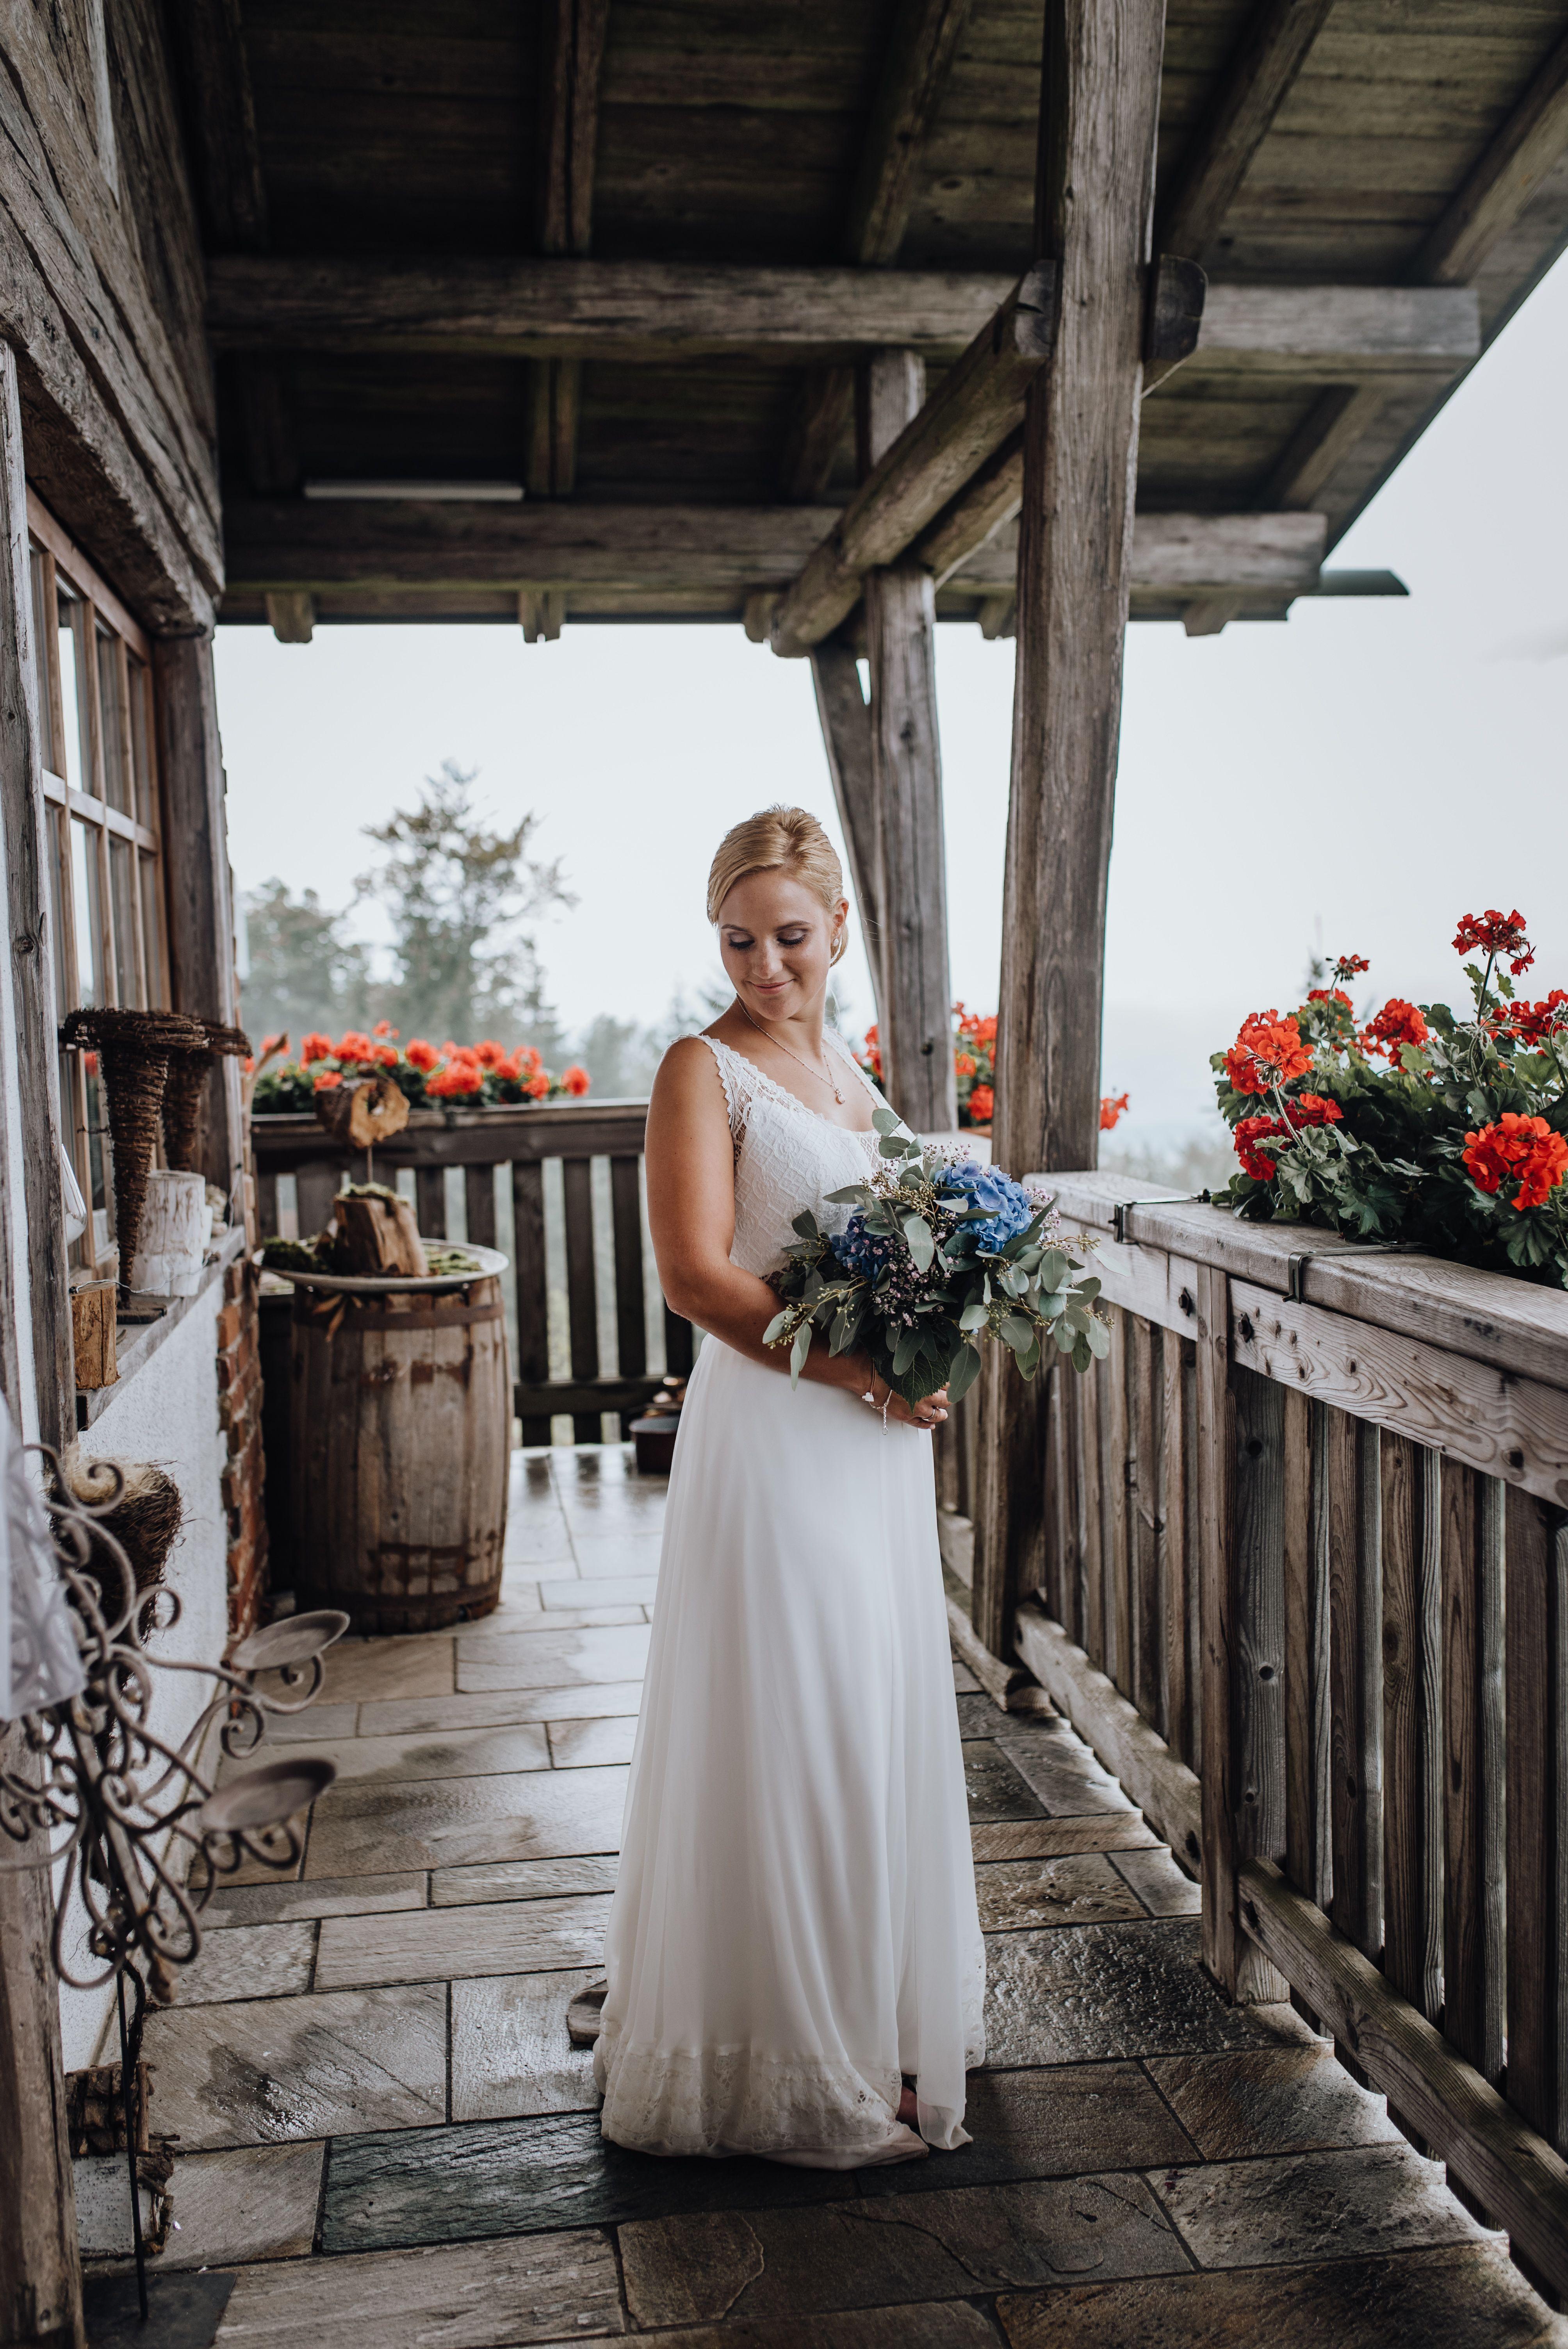 Huttenhochzeit Brautkleid Hutte Hochzeit Hochzeit Braut